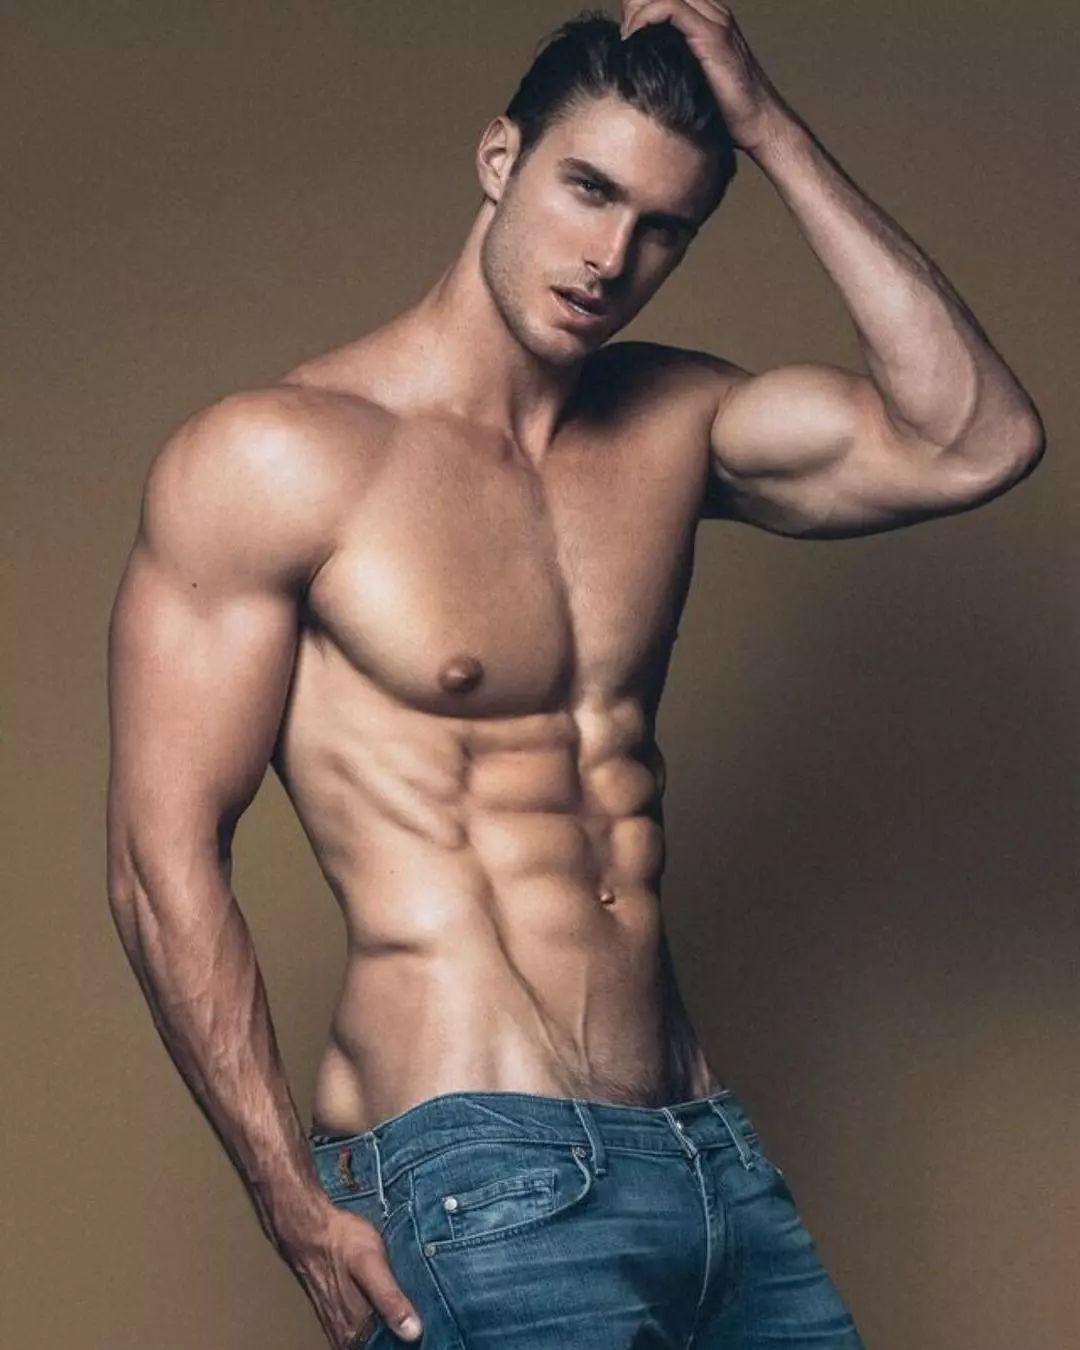 ecf33eab57194c2faa04e8ce44617324 - 美国模特Dusty Lachowicz 大筋肉小细腿,怪美的!